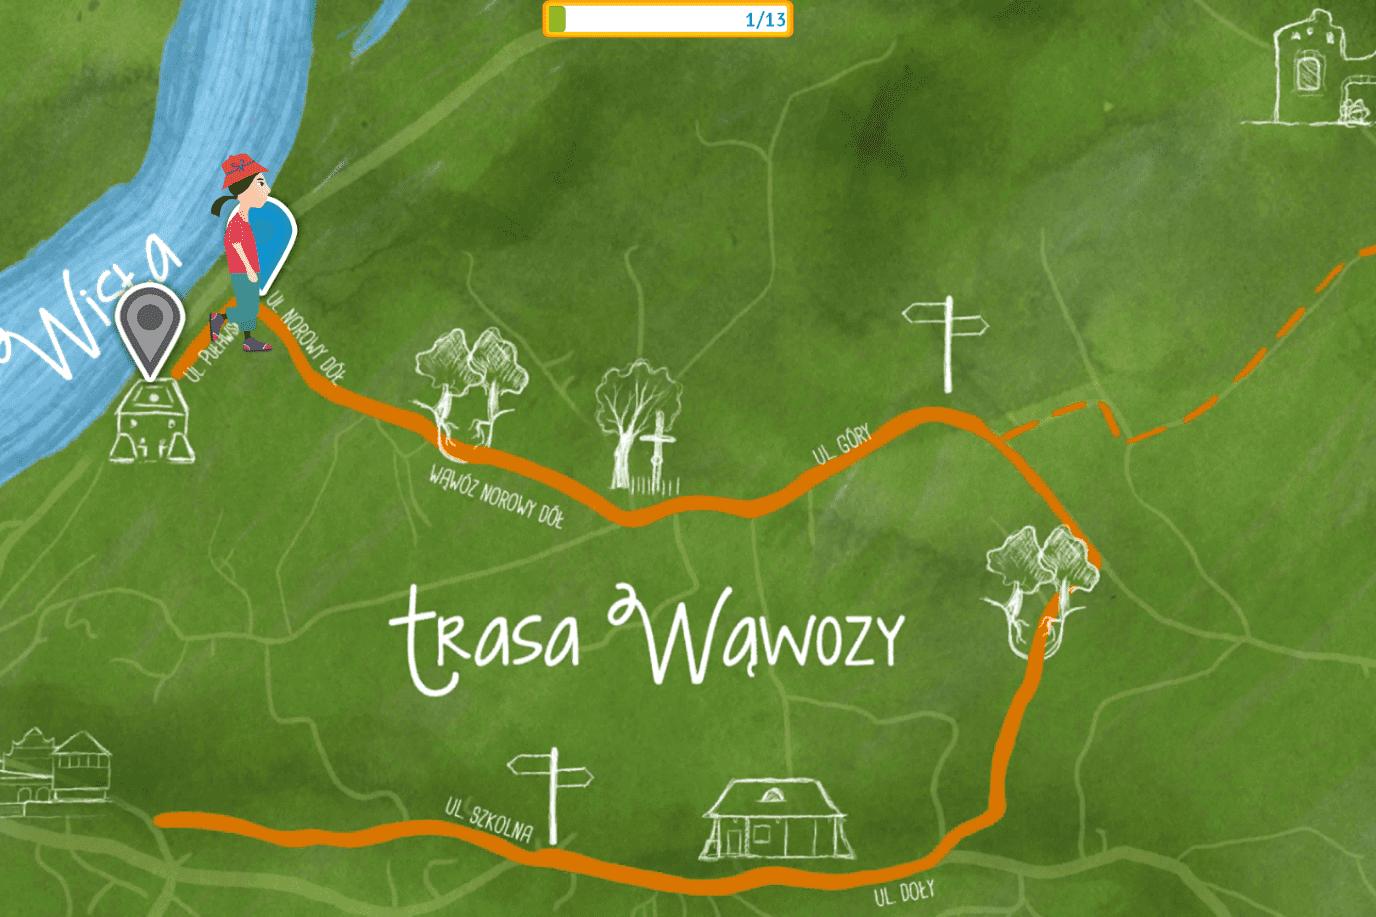 Mały Przyrodnik Przygoda Kazimierz Dolny Esterka - trasa Wisła Mapa A